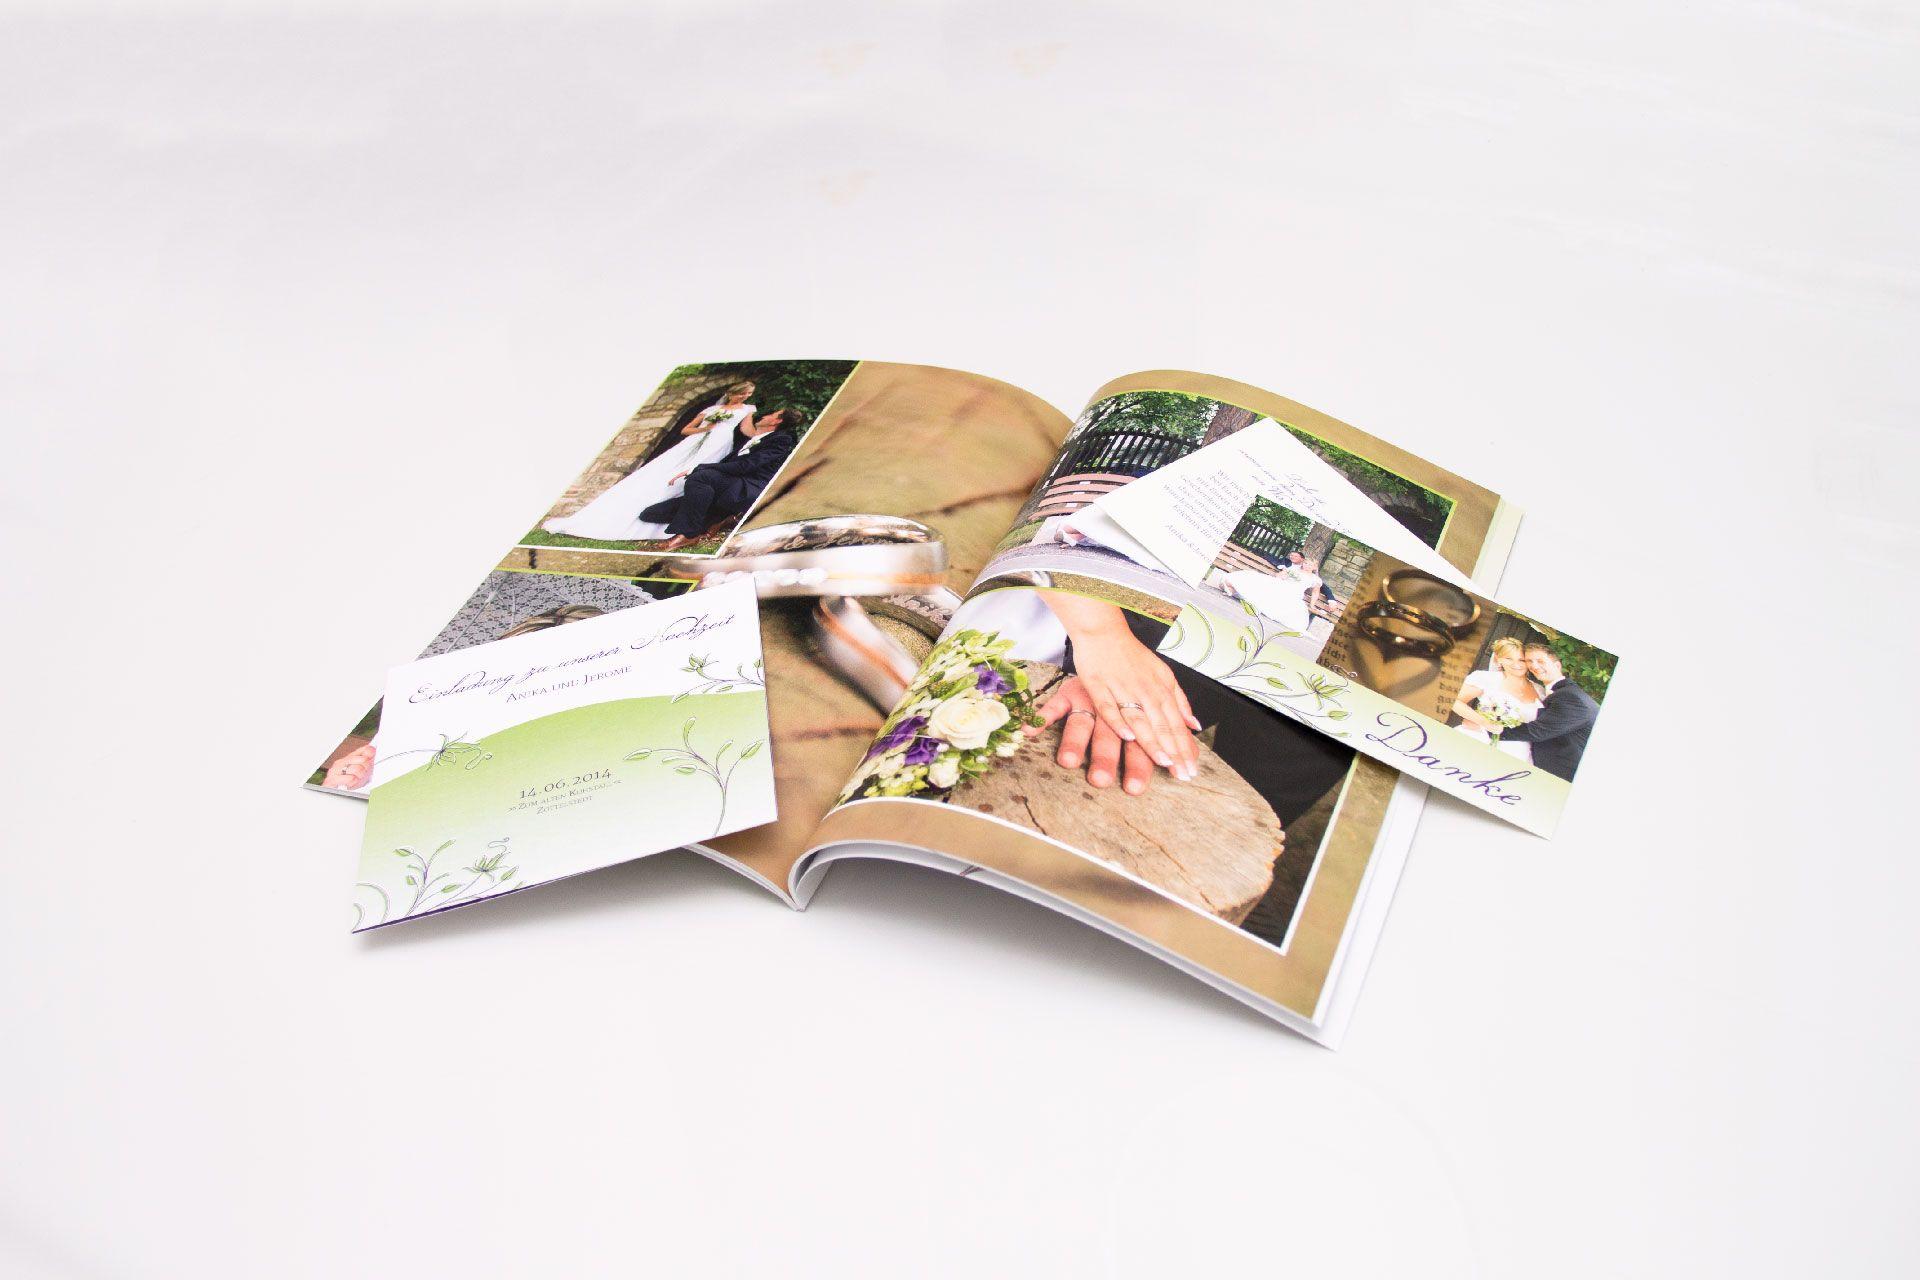 Einadlungskarte, Dankeskarte und Fotobuch gibt es auch als günstiges Paketangebot für eure Vintage Hochzeit.